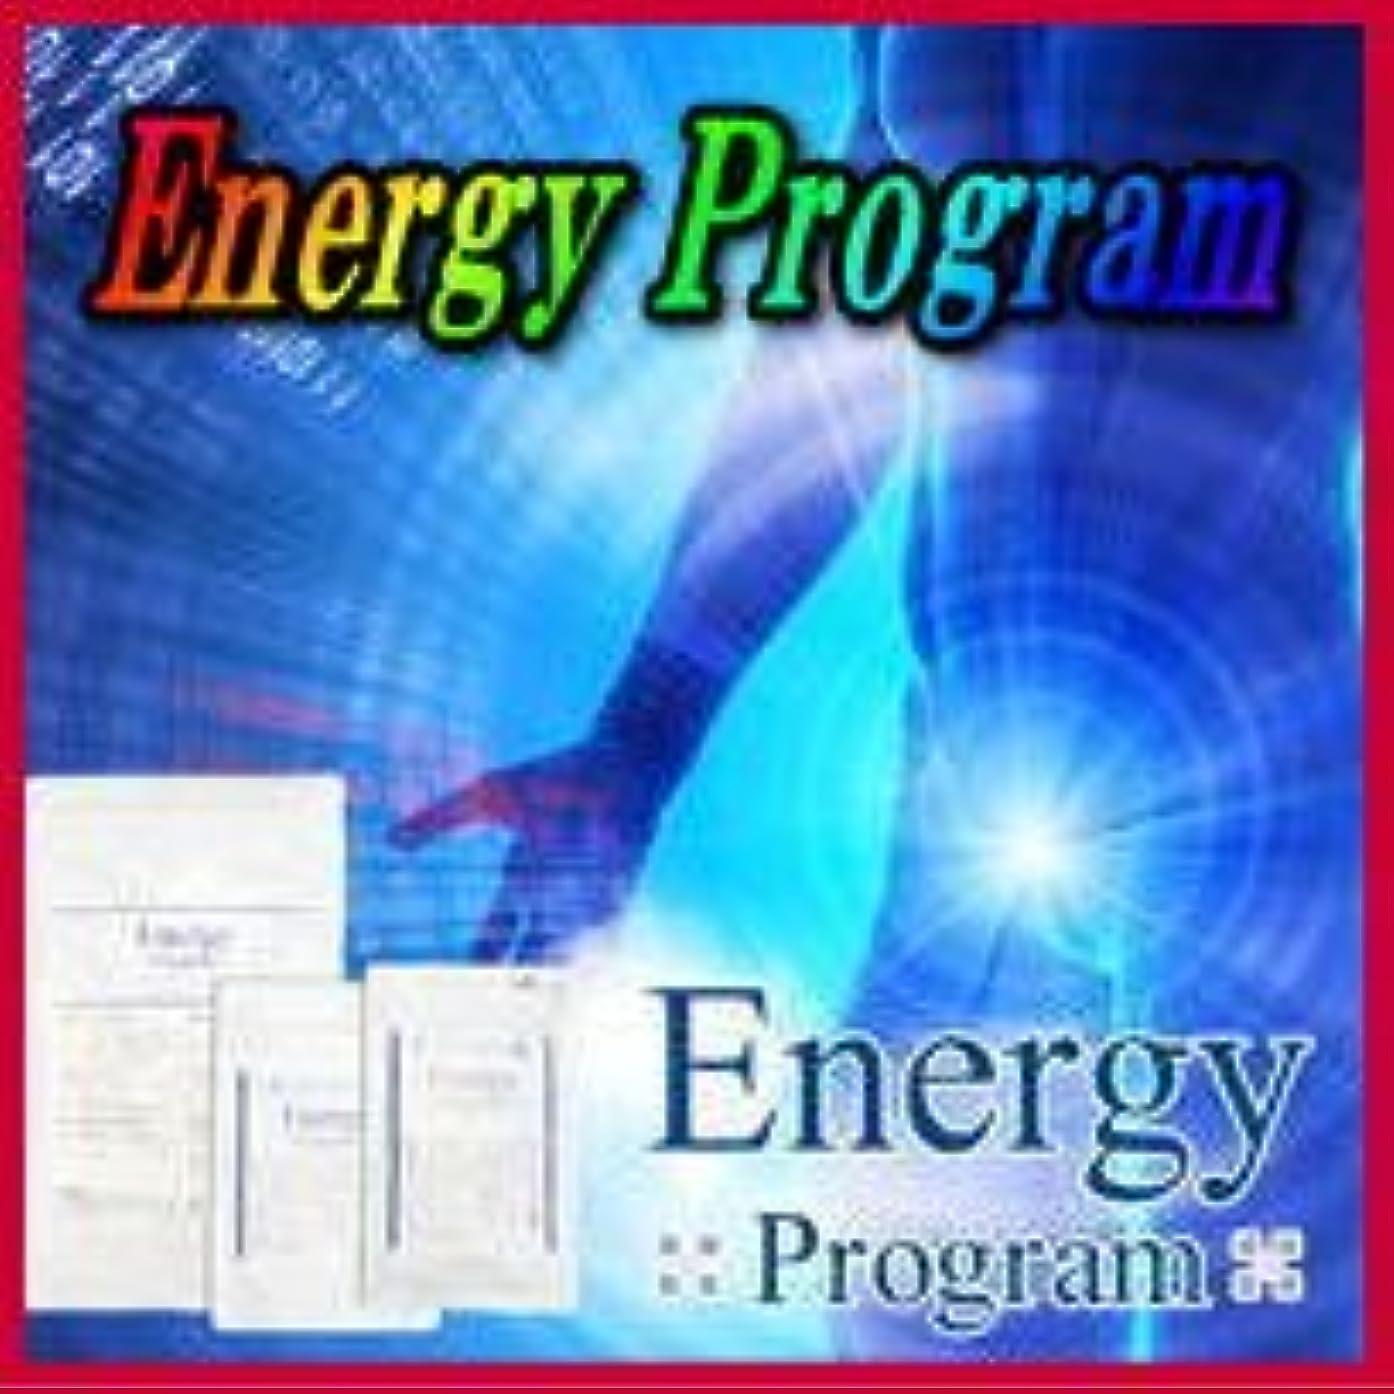 旋律的うまれた観察する★Energy Program(エナジープログラム) サプリ+ドリンク強力融合でシトルリンンとアルギニンが強力コラボ!